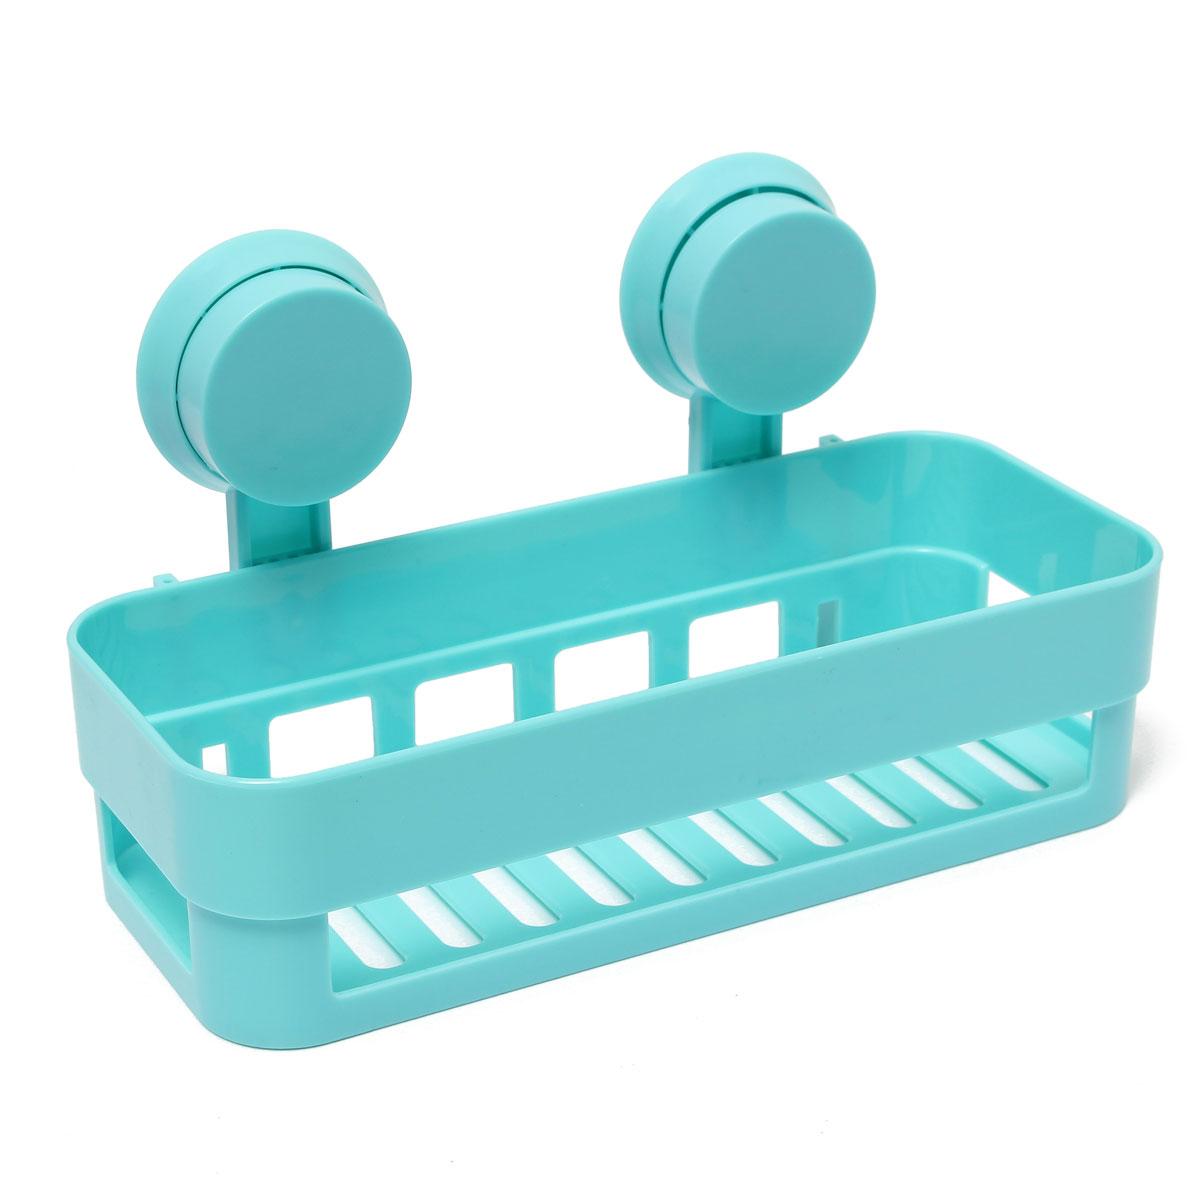 badezimmer bad k chen aufbewahrung organizer duschkorb badregal mit saugnapf neu ebay. Black Bedroom Furniture Sets. Home Design Ideas